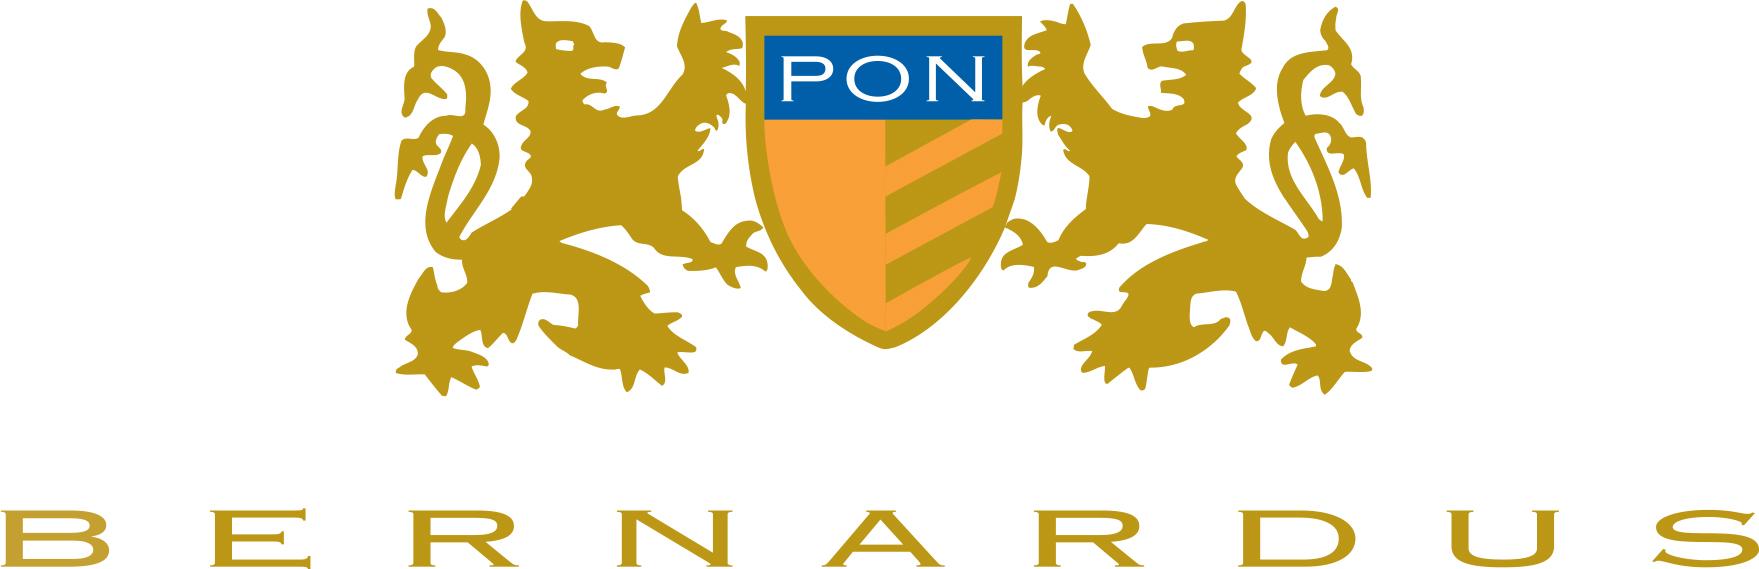 Bernardus logo.jpg